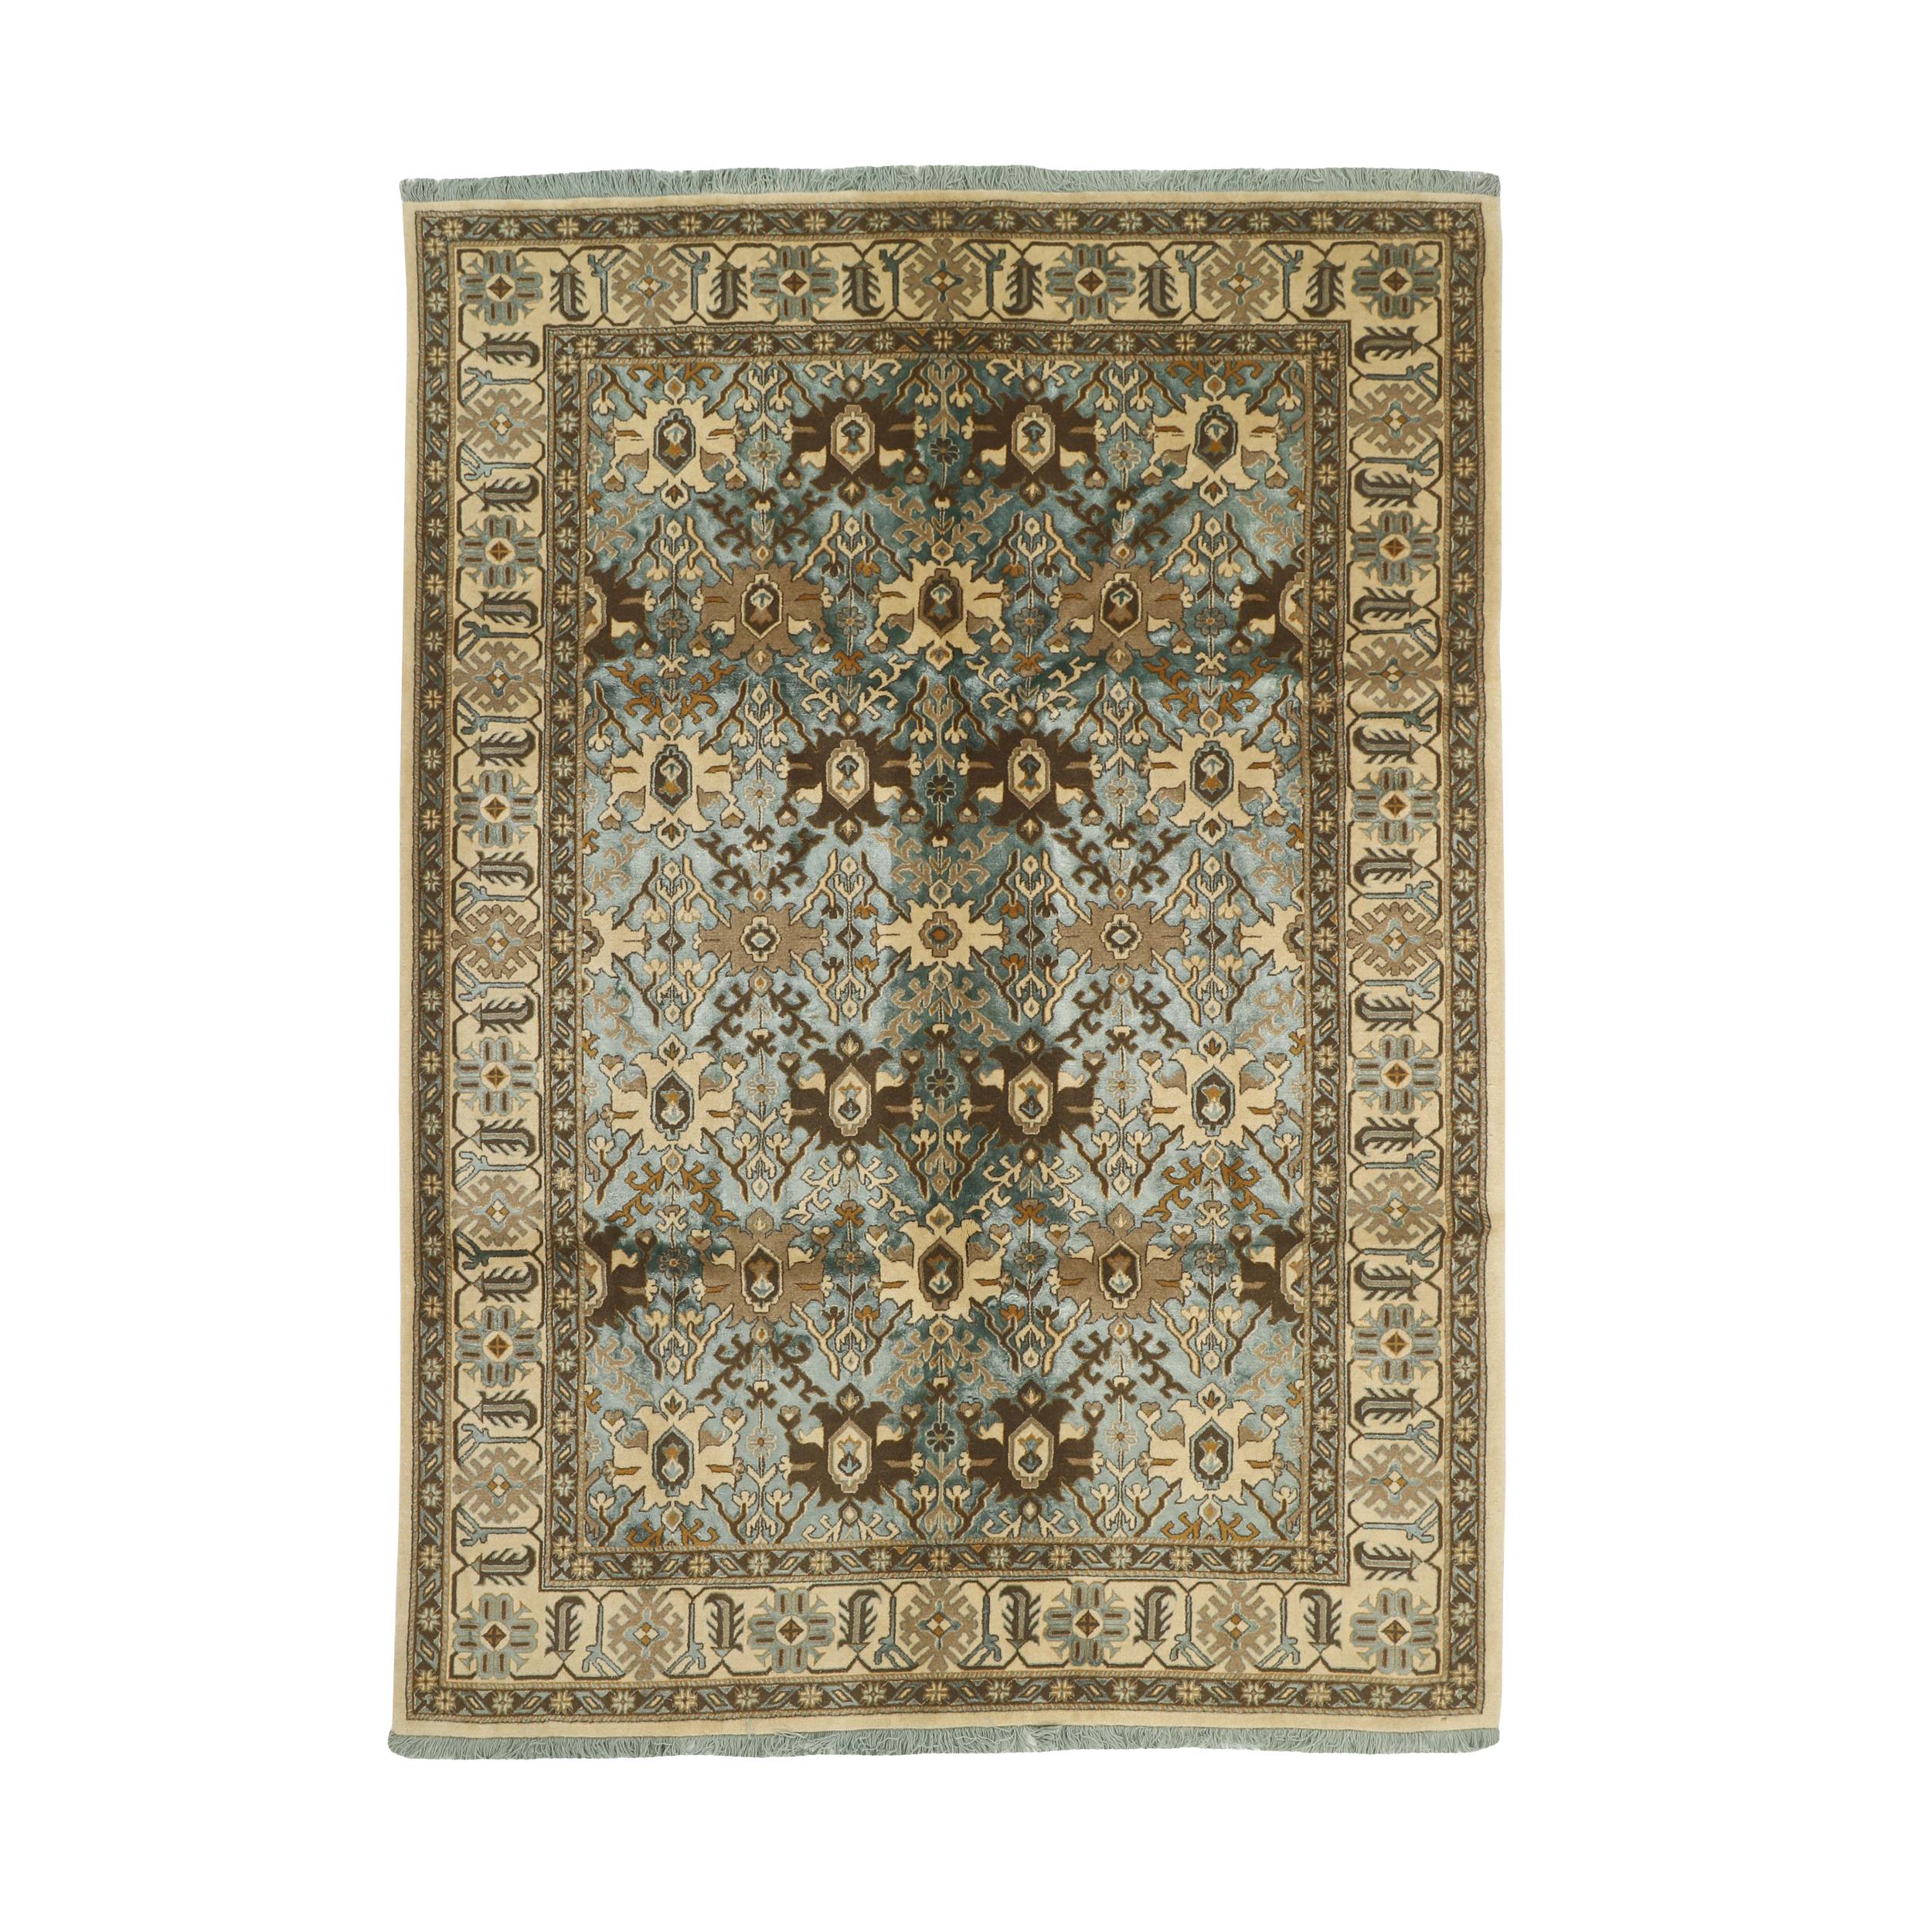 فرش نیمه دستبافت شش و نیم متری طرح گل ابریشم کد 543924